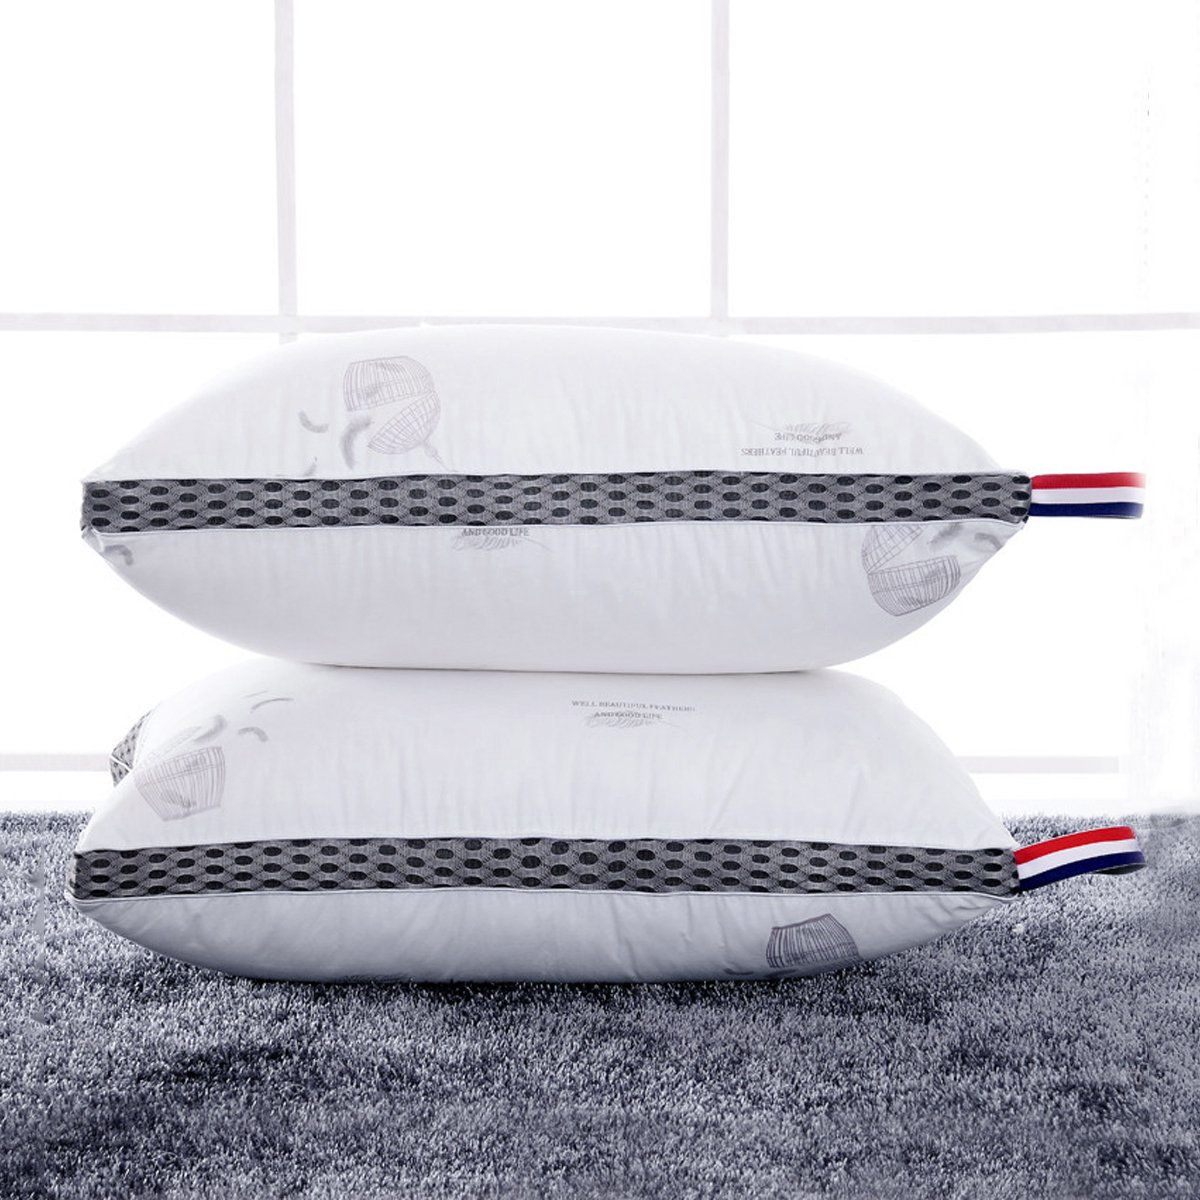 Ramada全棉印花枕头成人护颈枕芯颈椎枕头床上用品枕头芯枕芯枕头COLOR白色